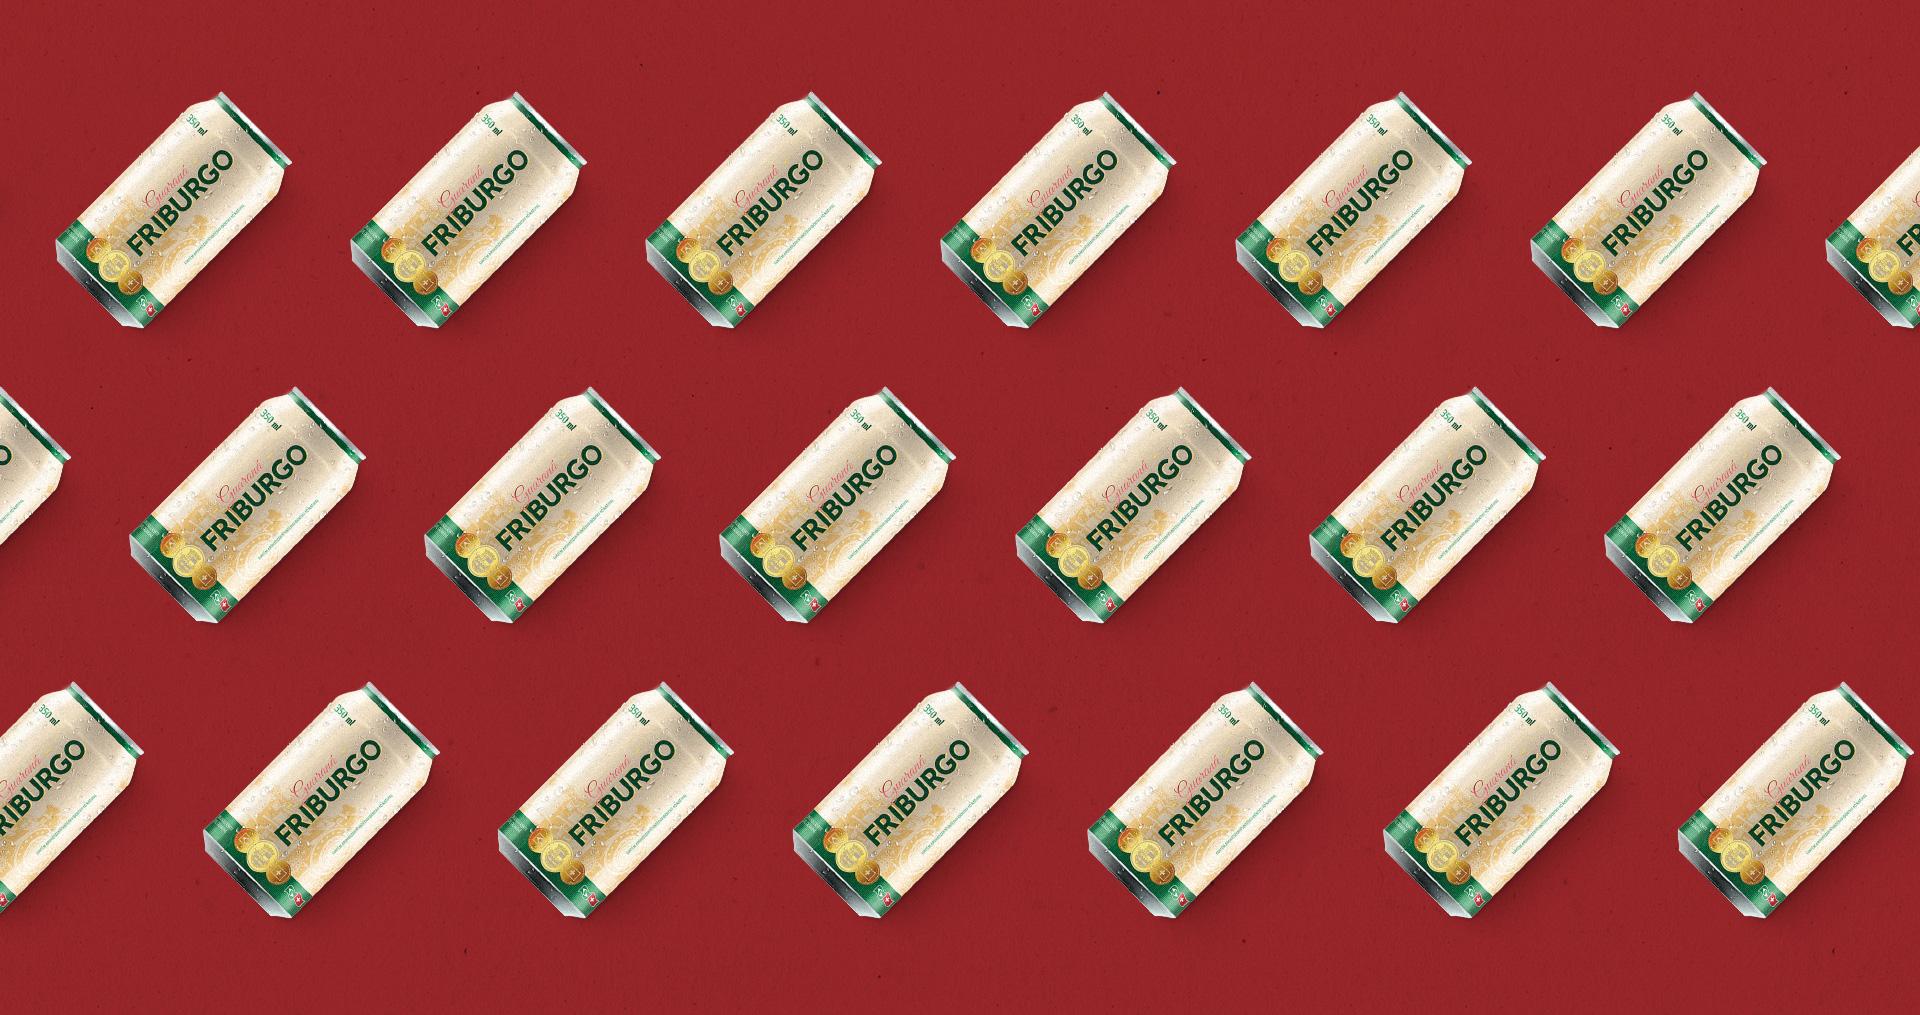 Design de identidade visual para refrigerante guaraná friburgo